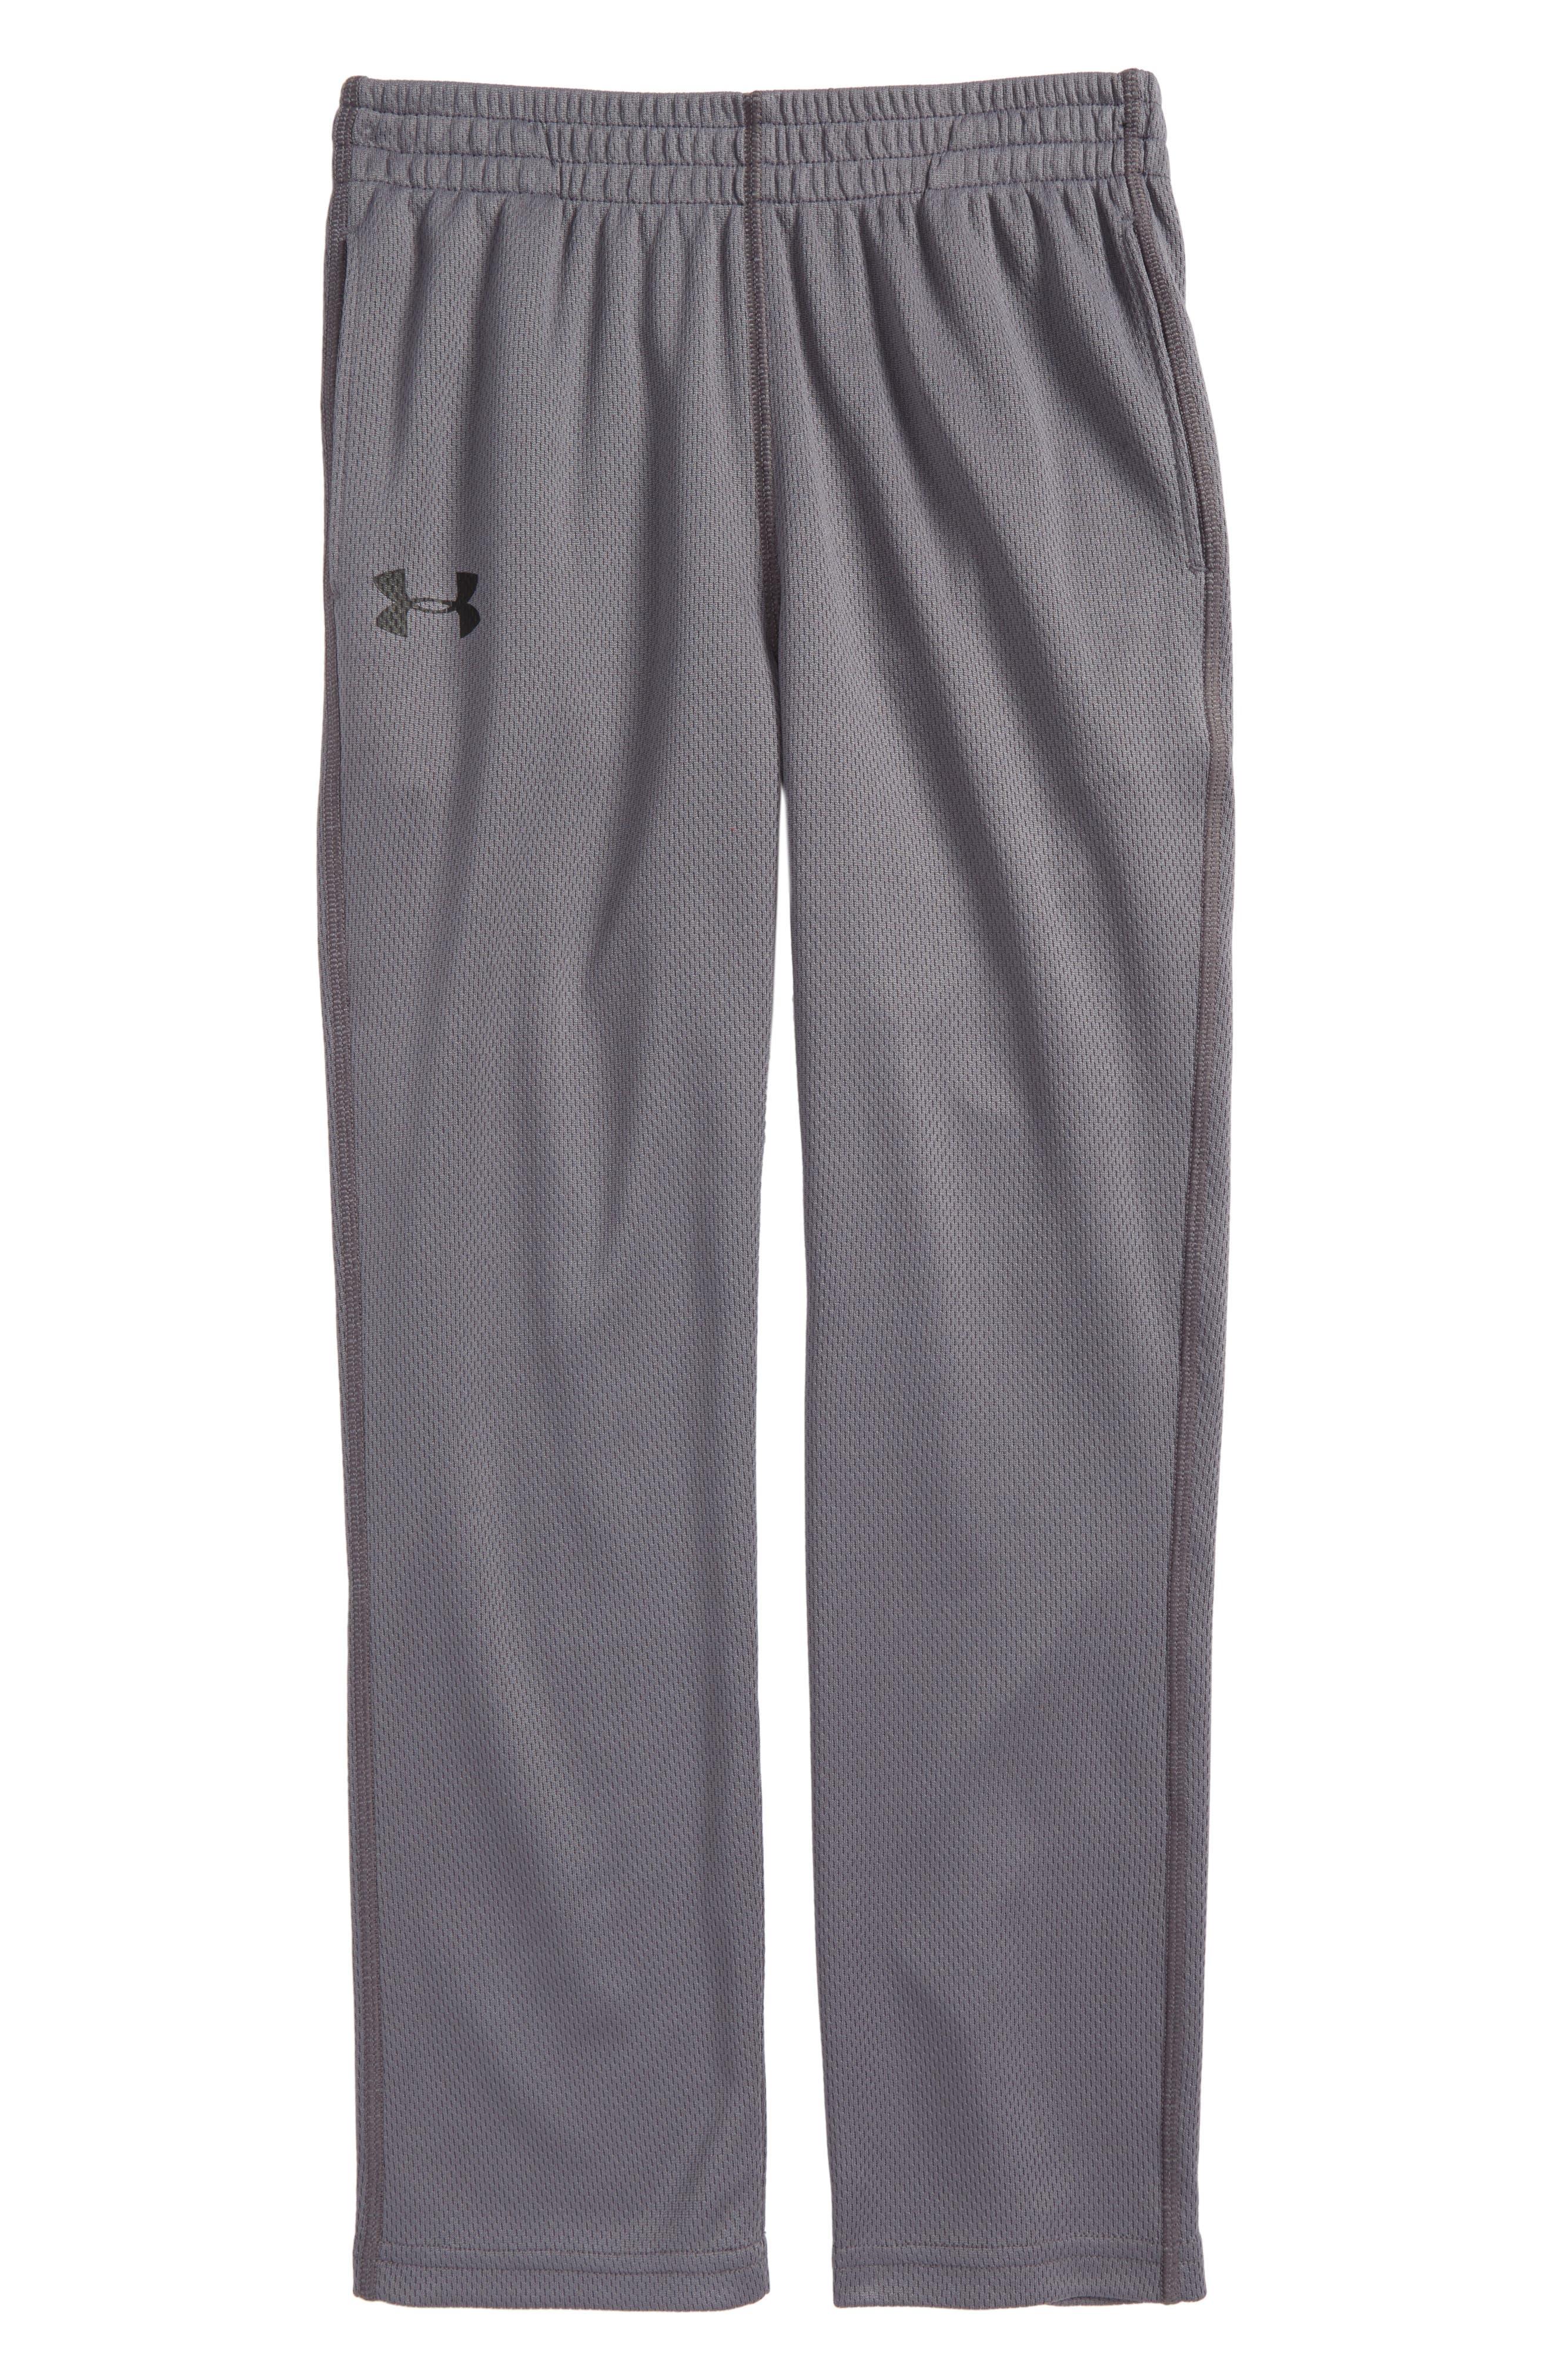 UNDER ARMOUR Mesh Pants, Main, color, GRAPHITE